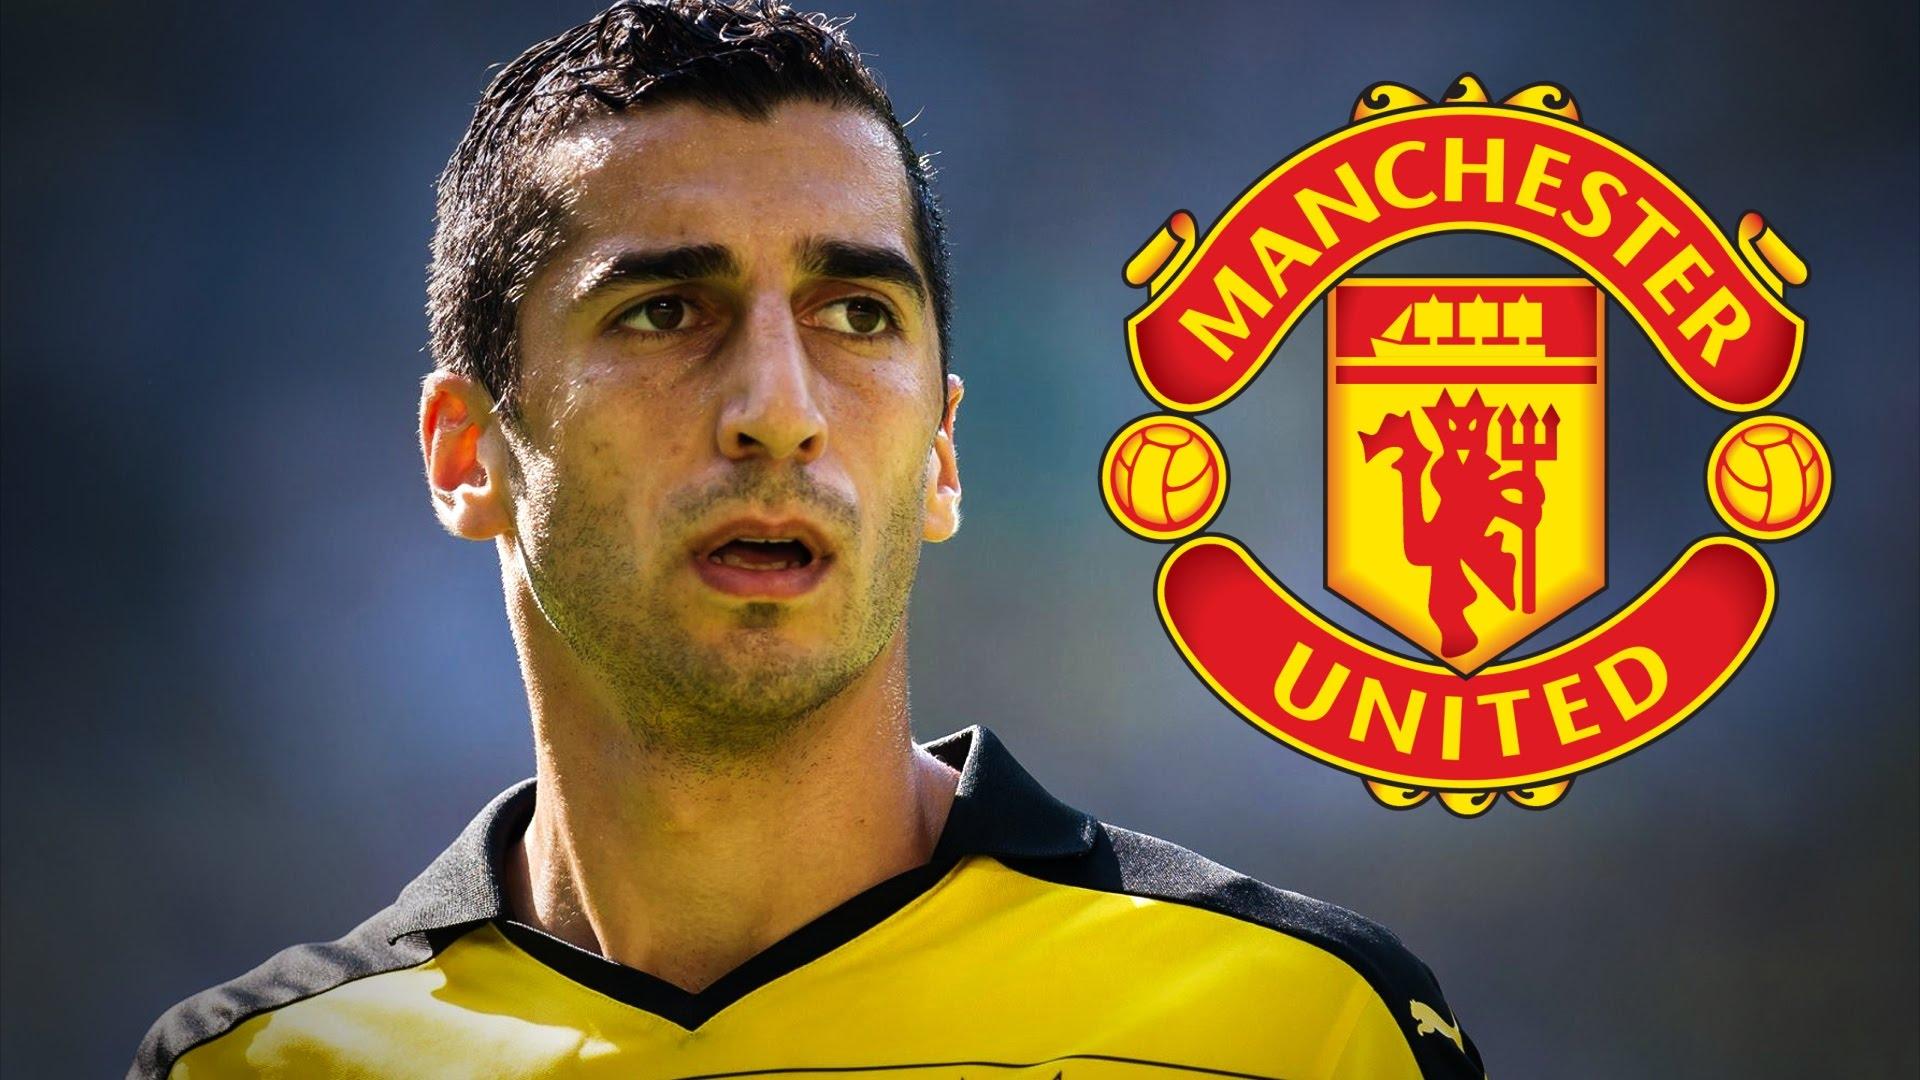 VIDEO: Armenski napadač Mkhitaryan novo pojačanje Manchester Uniteda